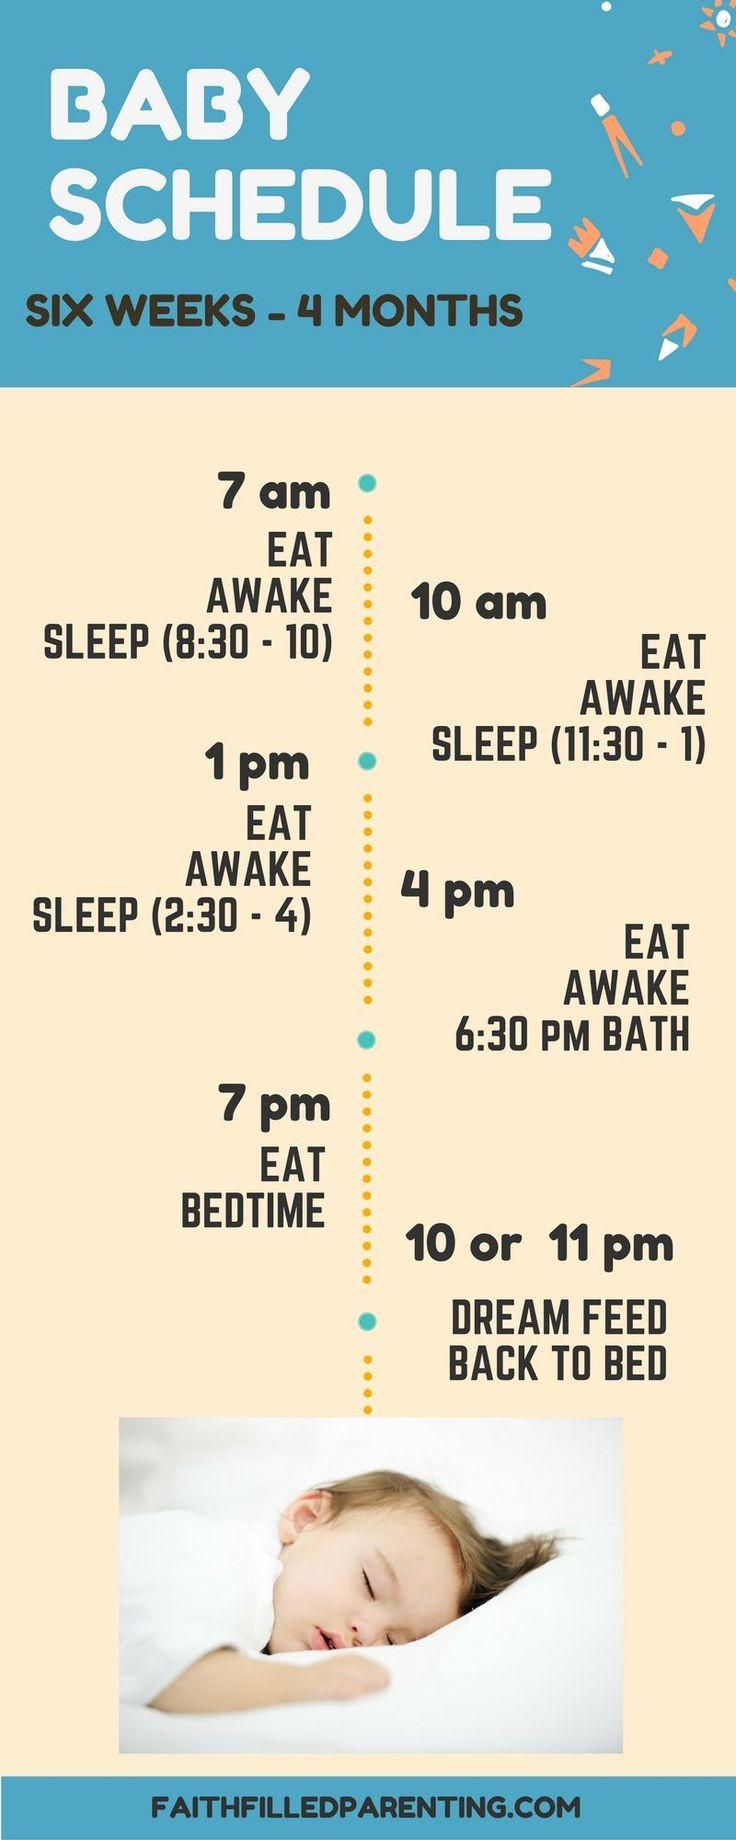 Baby Sleep Schedule 6 weeks - 4 months